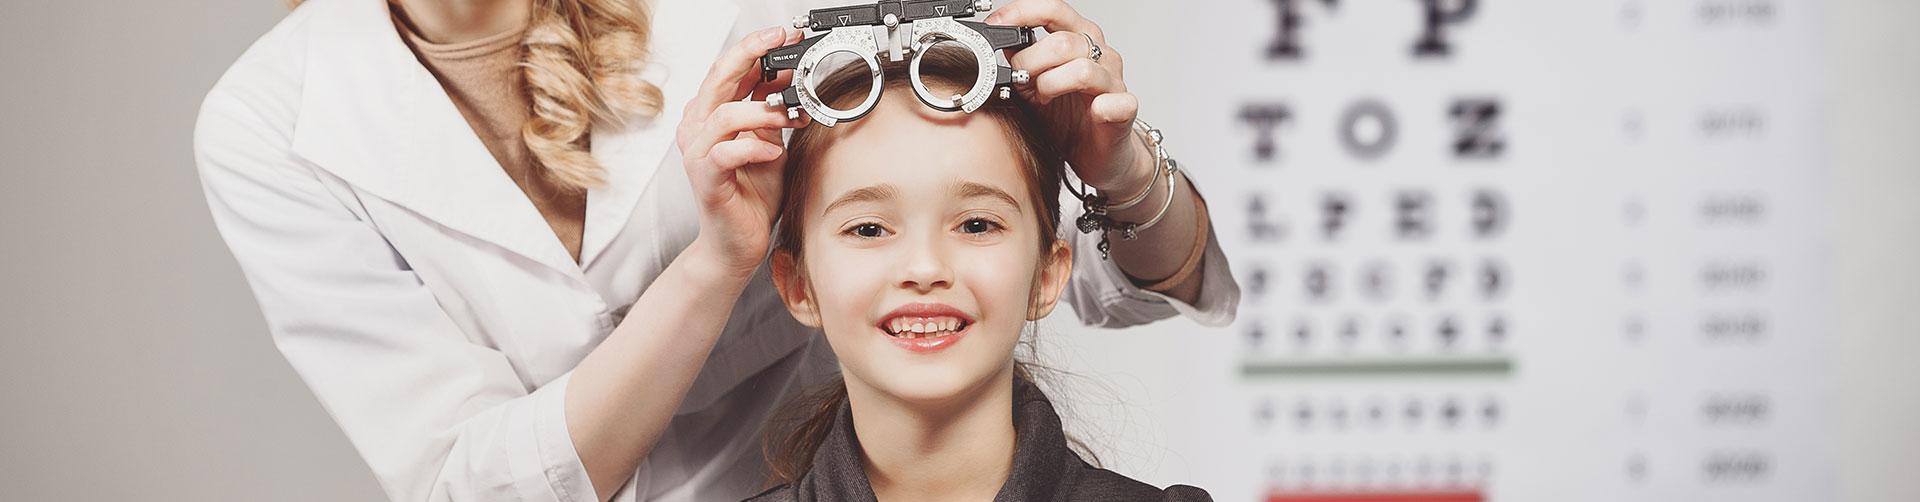 boca family pediatric eye care